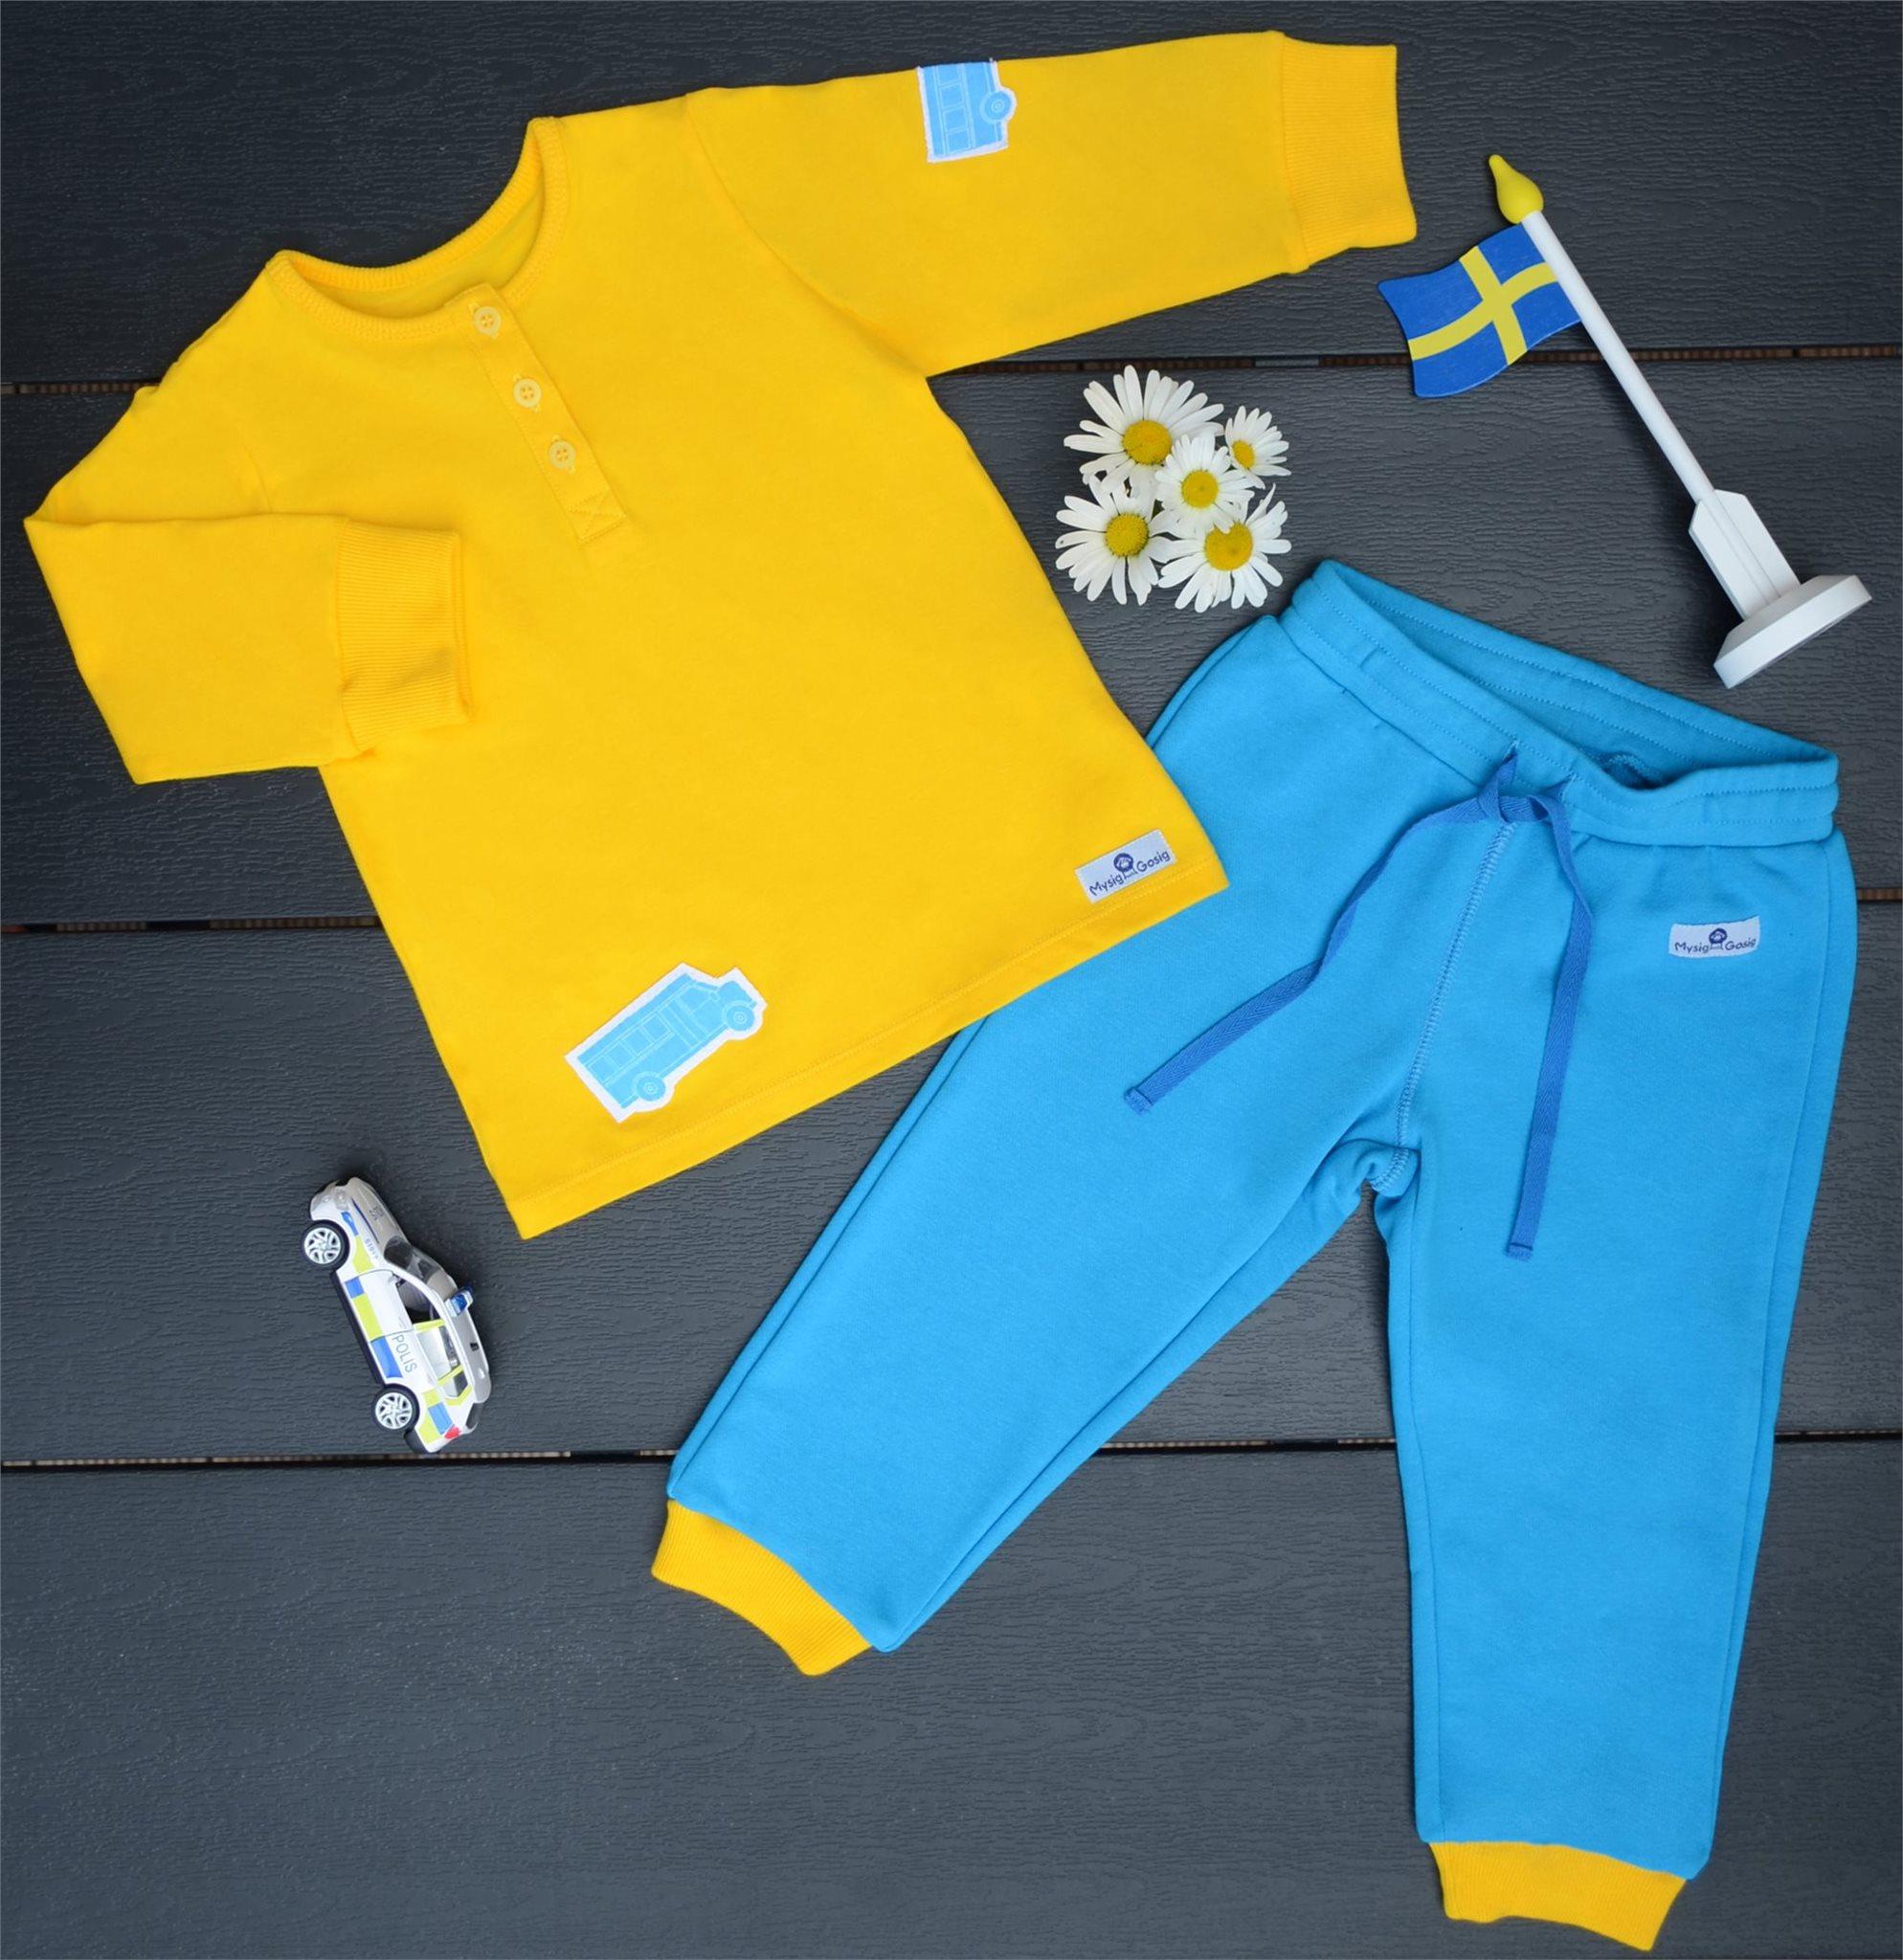 Barnkläder i Gul och Blå f080b6af2f454